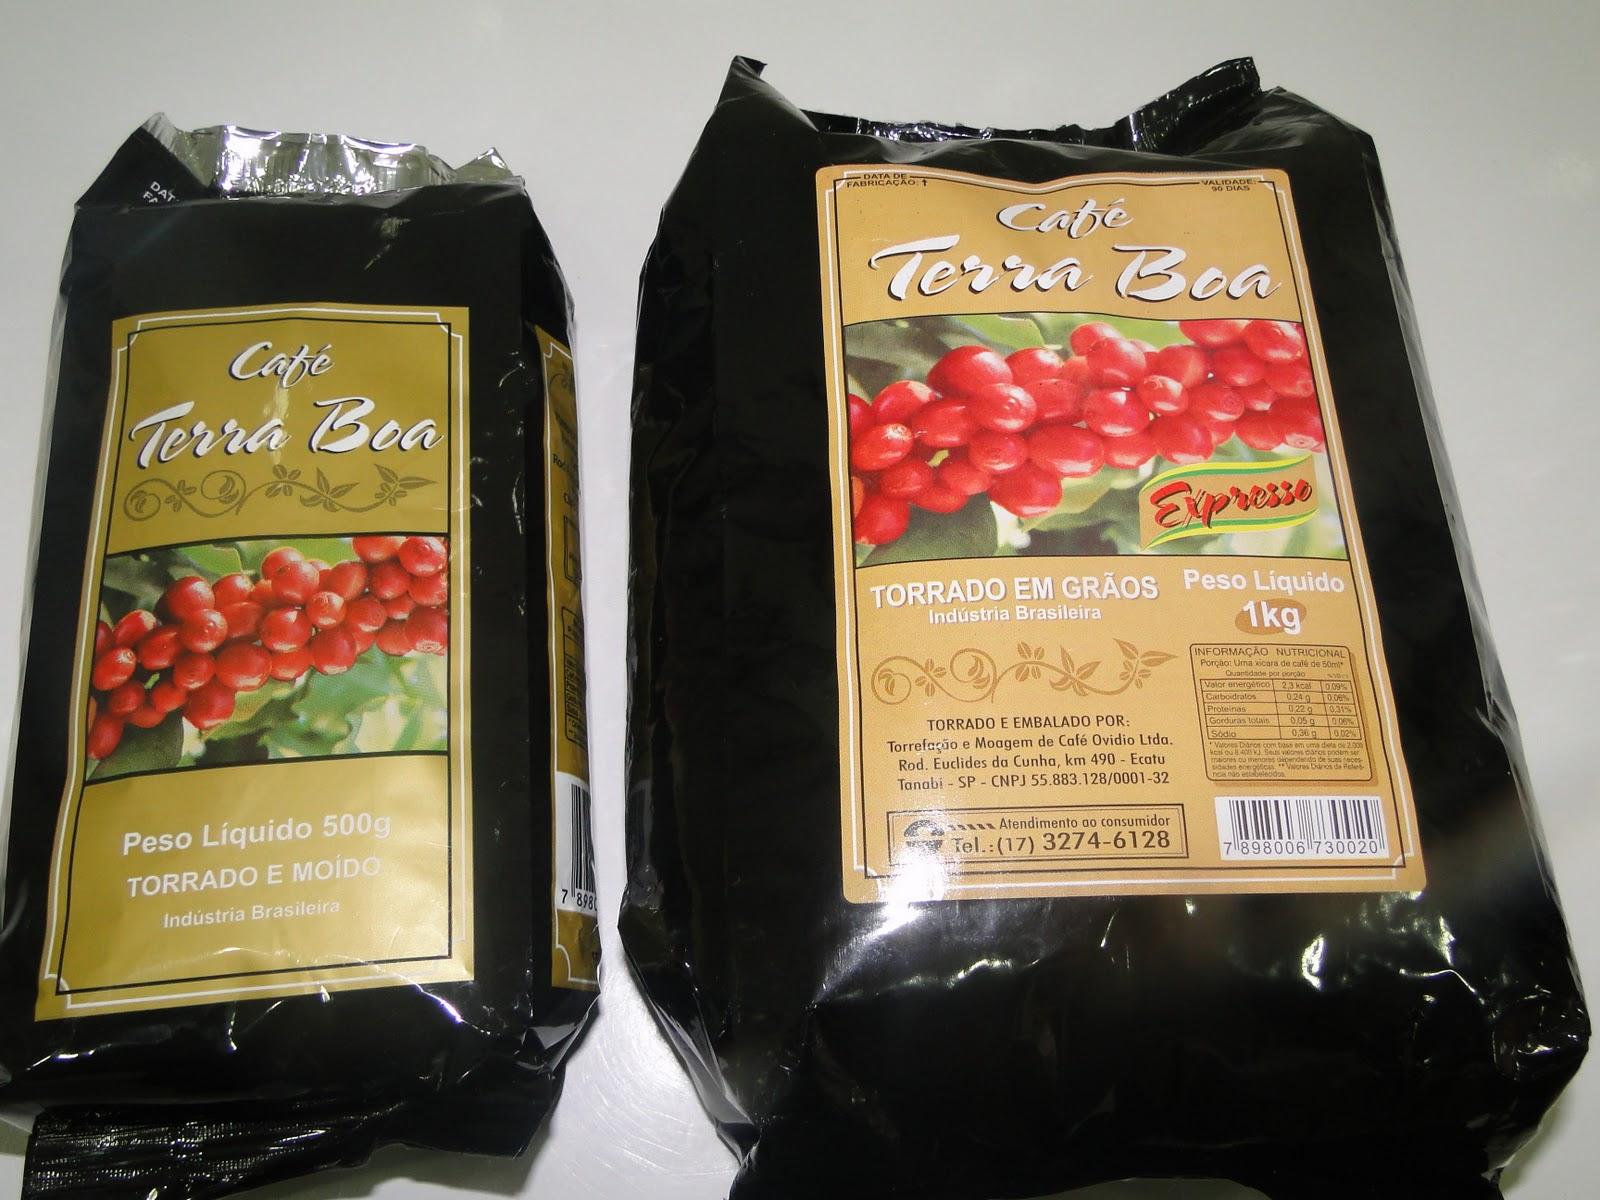 Resultado de imagem para cafe terra boa